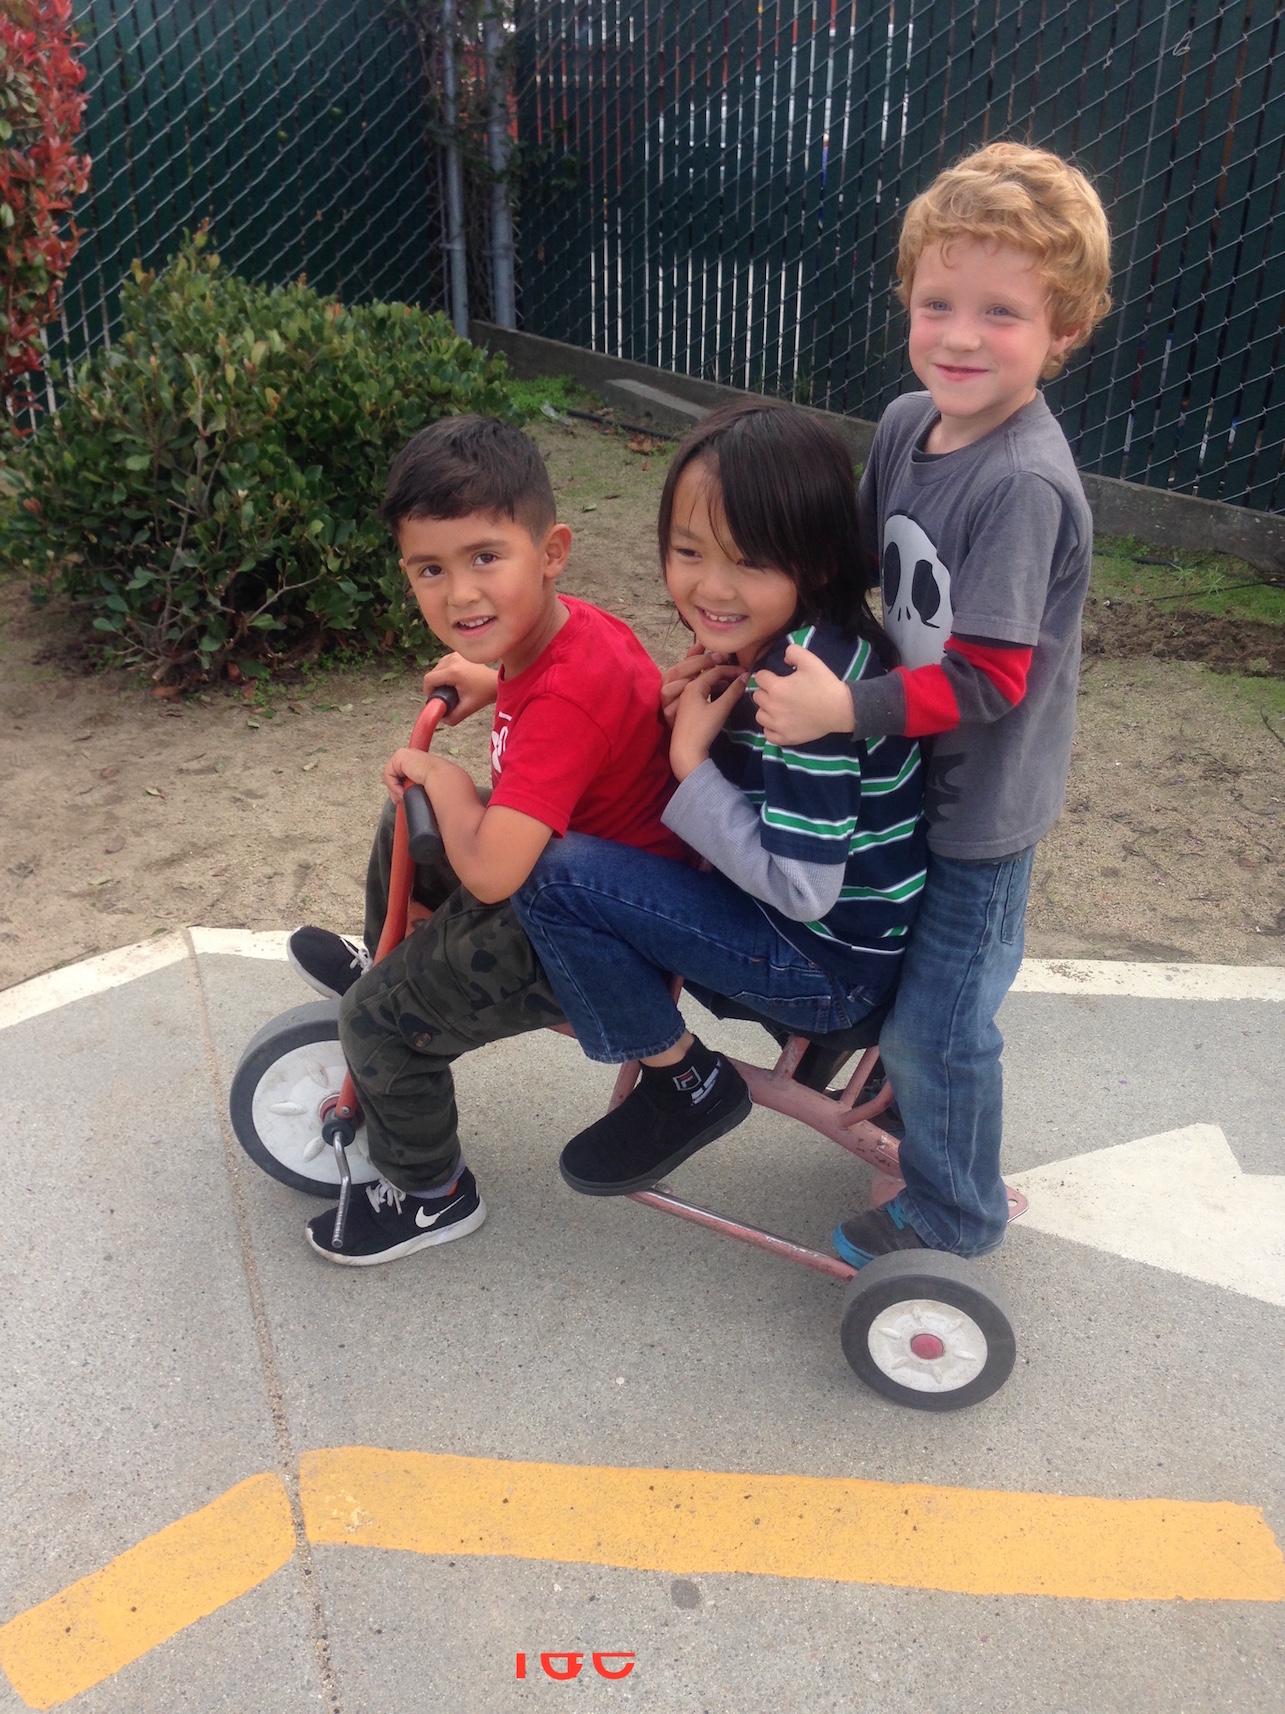 Kidcare Fun!